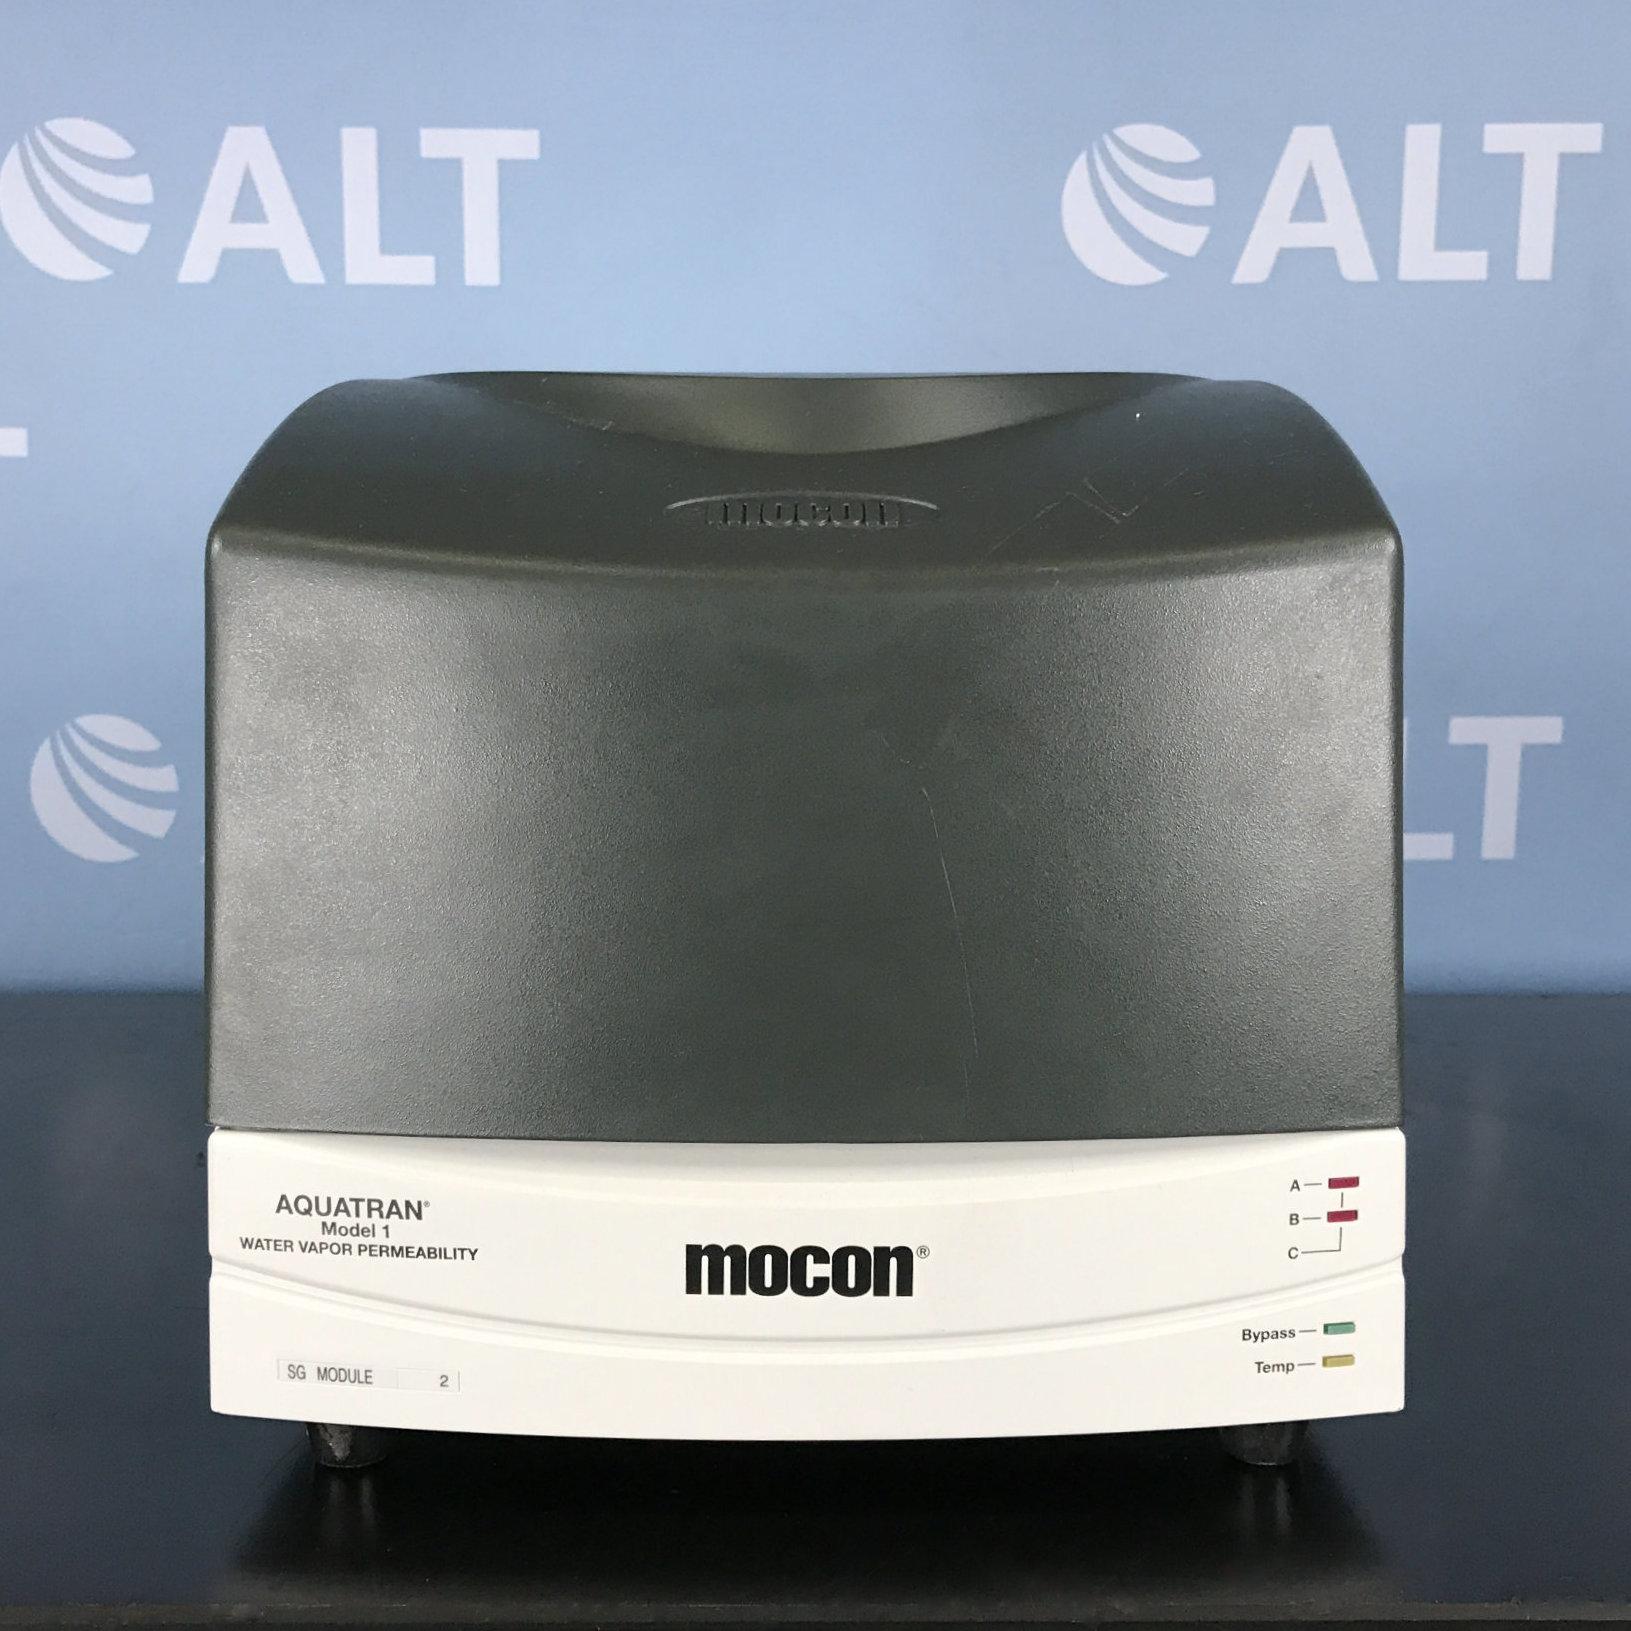 Mocon Aquatran Model 1 Image